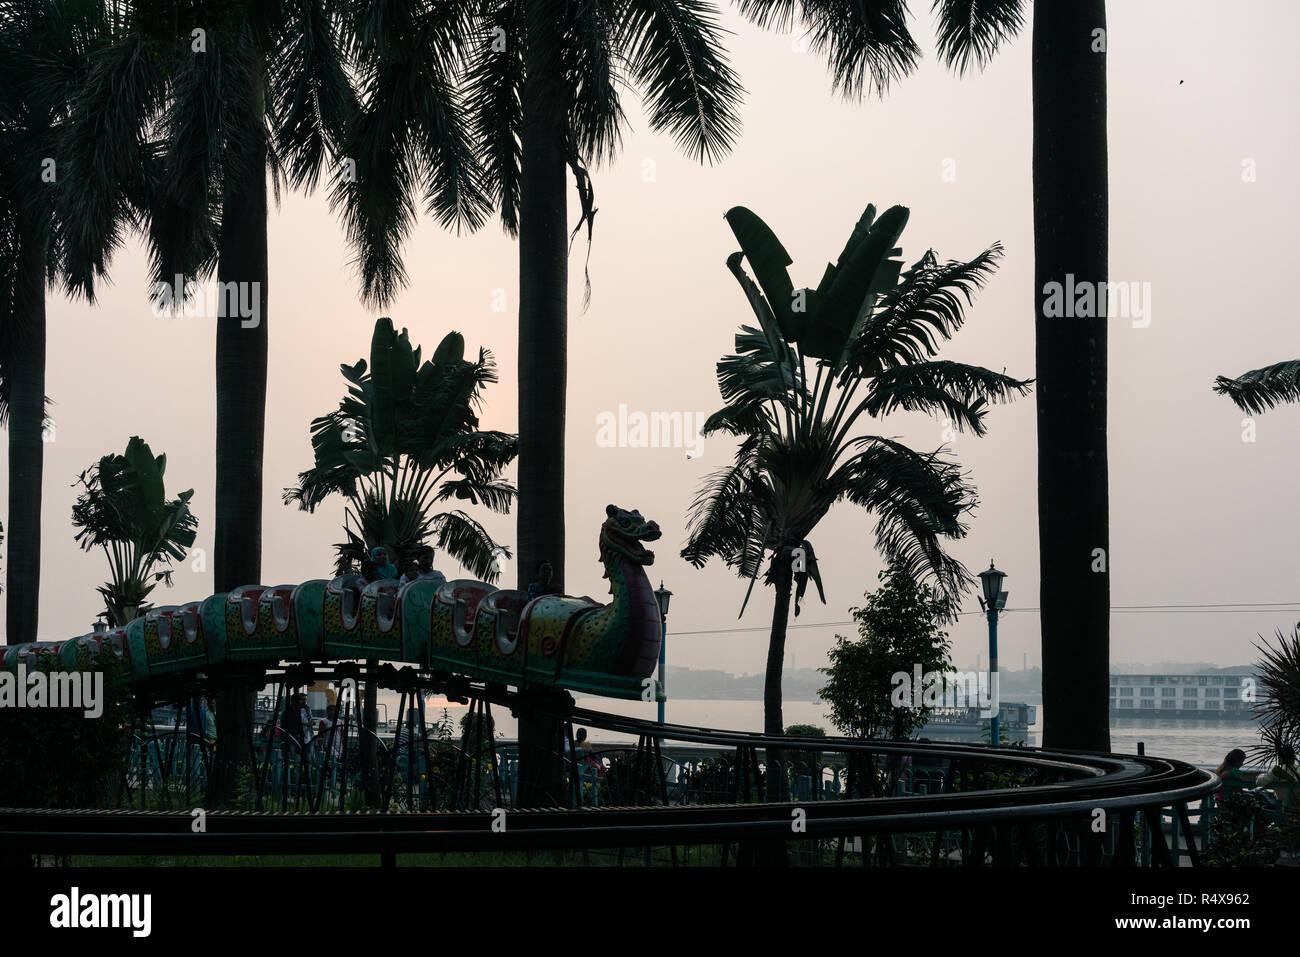 Images d'art trouvés dans les activités quotidiennes de la vie en marchant dans les ruelles du quartier de Kolkata, Inde. Photo Stock